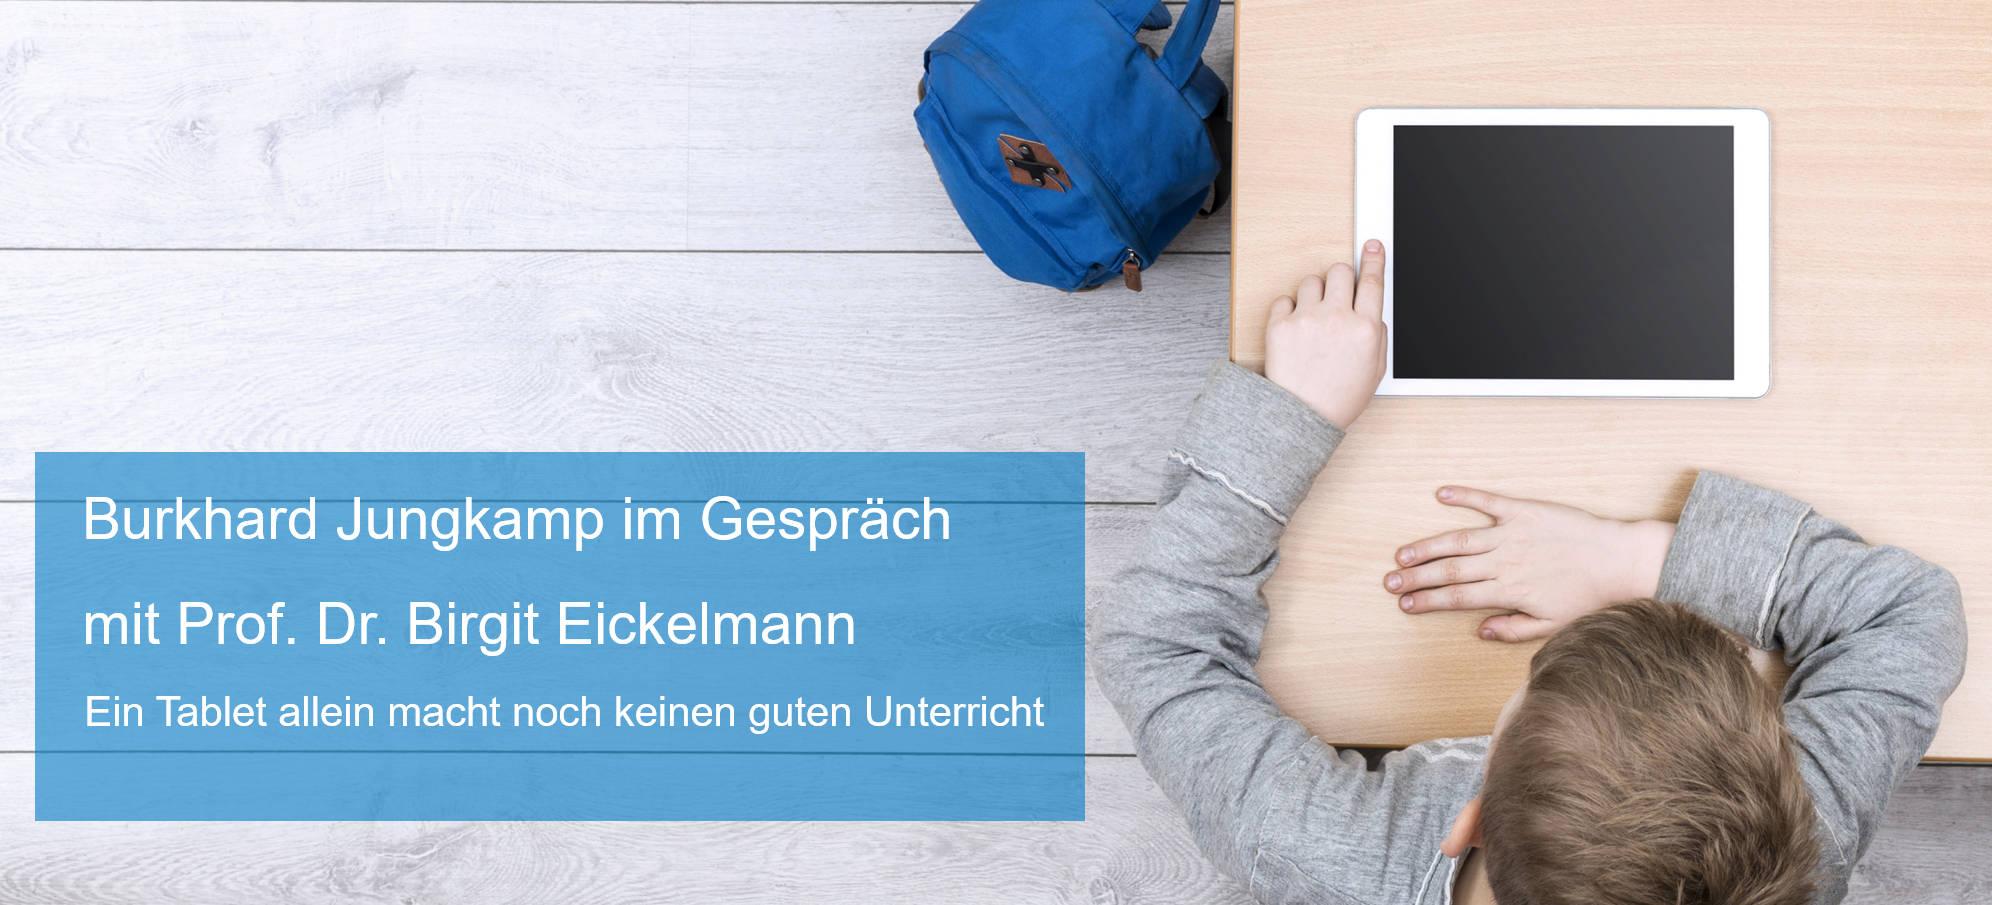 Ein Tablet allein macht noch keinen guten Unterricht, Burkhard Jungkamp im Gespräch mit Prof. Dr. Birgit Eickelmann, SchulVerwaltung.de